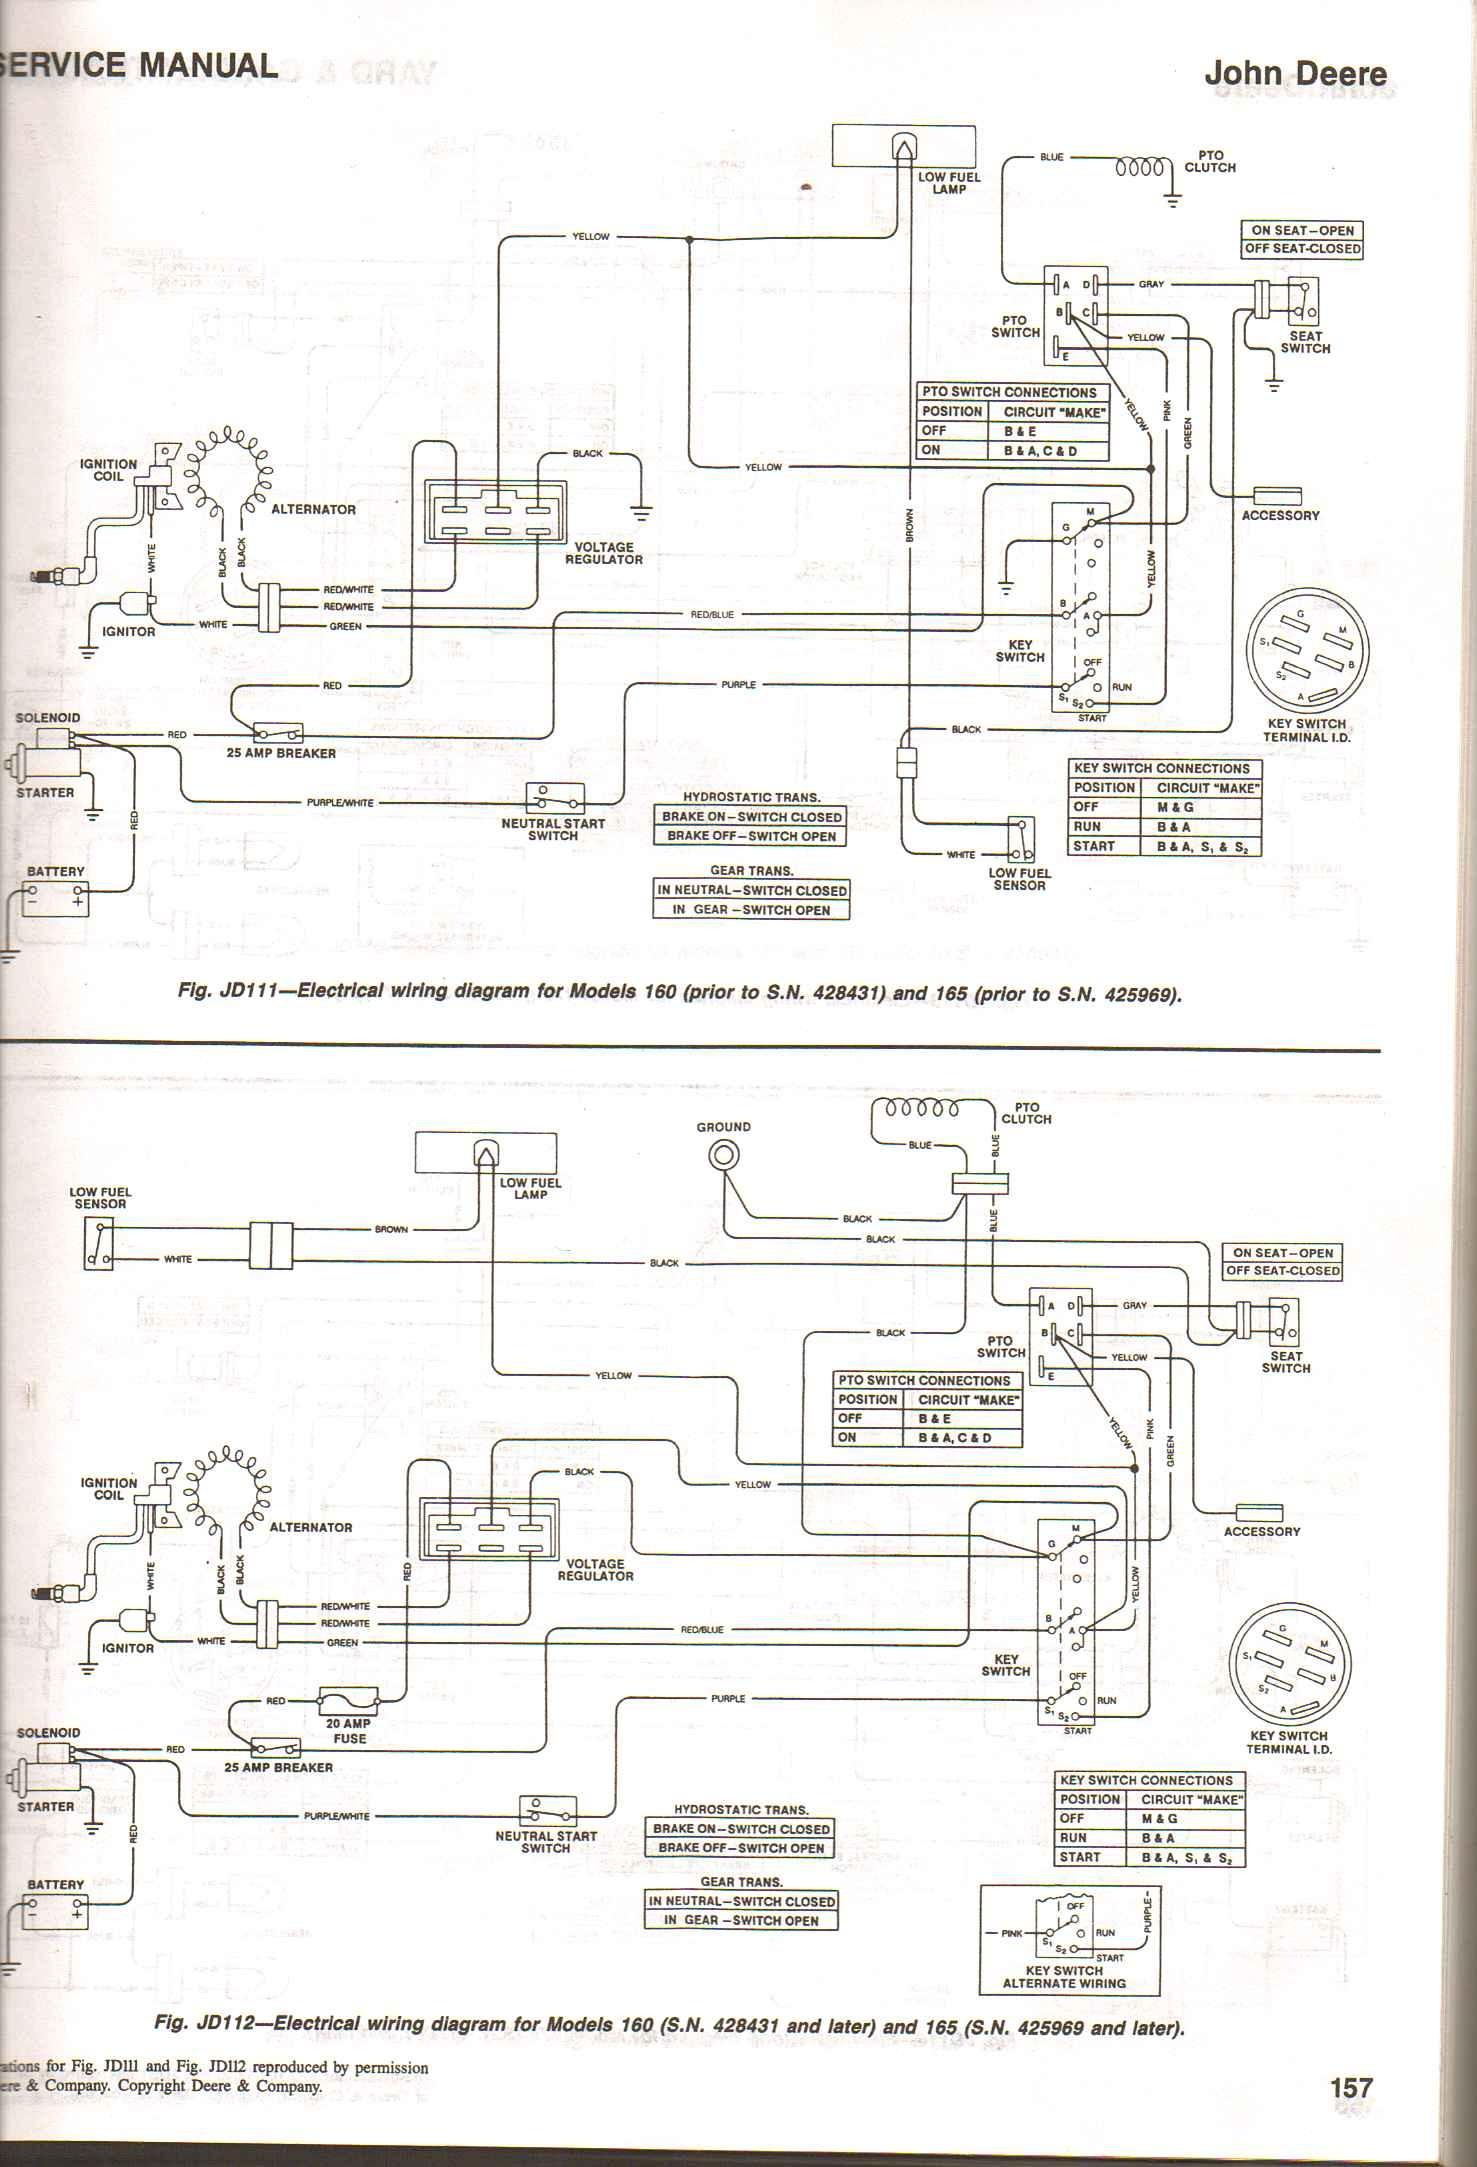 Electrical Schematic 345 John Deere Tractor Rk 2830] John Deere Tractor Wiring Schematics Schematic Wiring Of Electrical Schematic 345 John Deere Tractor